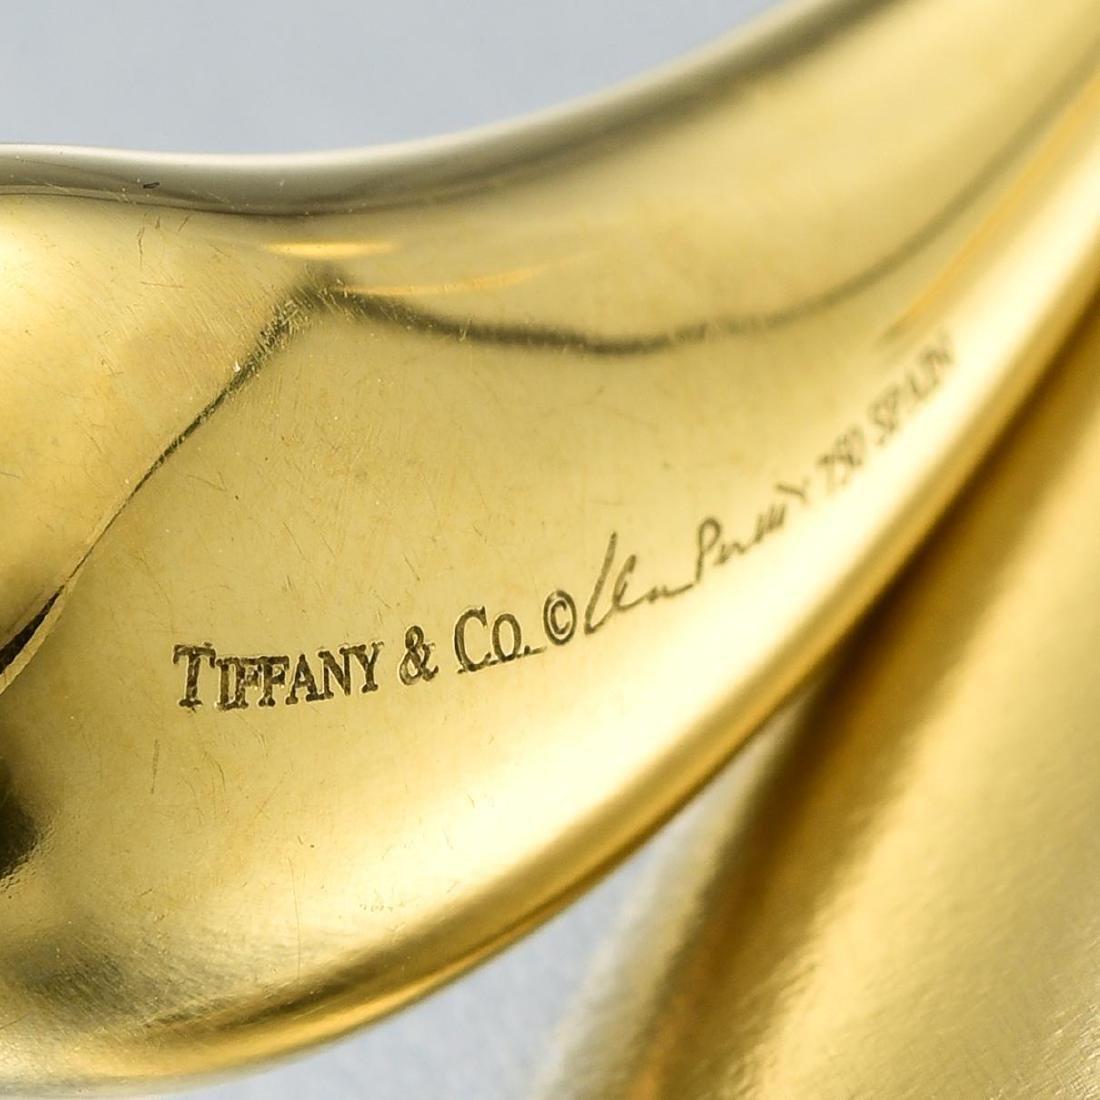 Tiffany & Co. Elsa Peretti 18K Gold Teardrop Earrings - 3